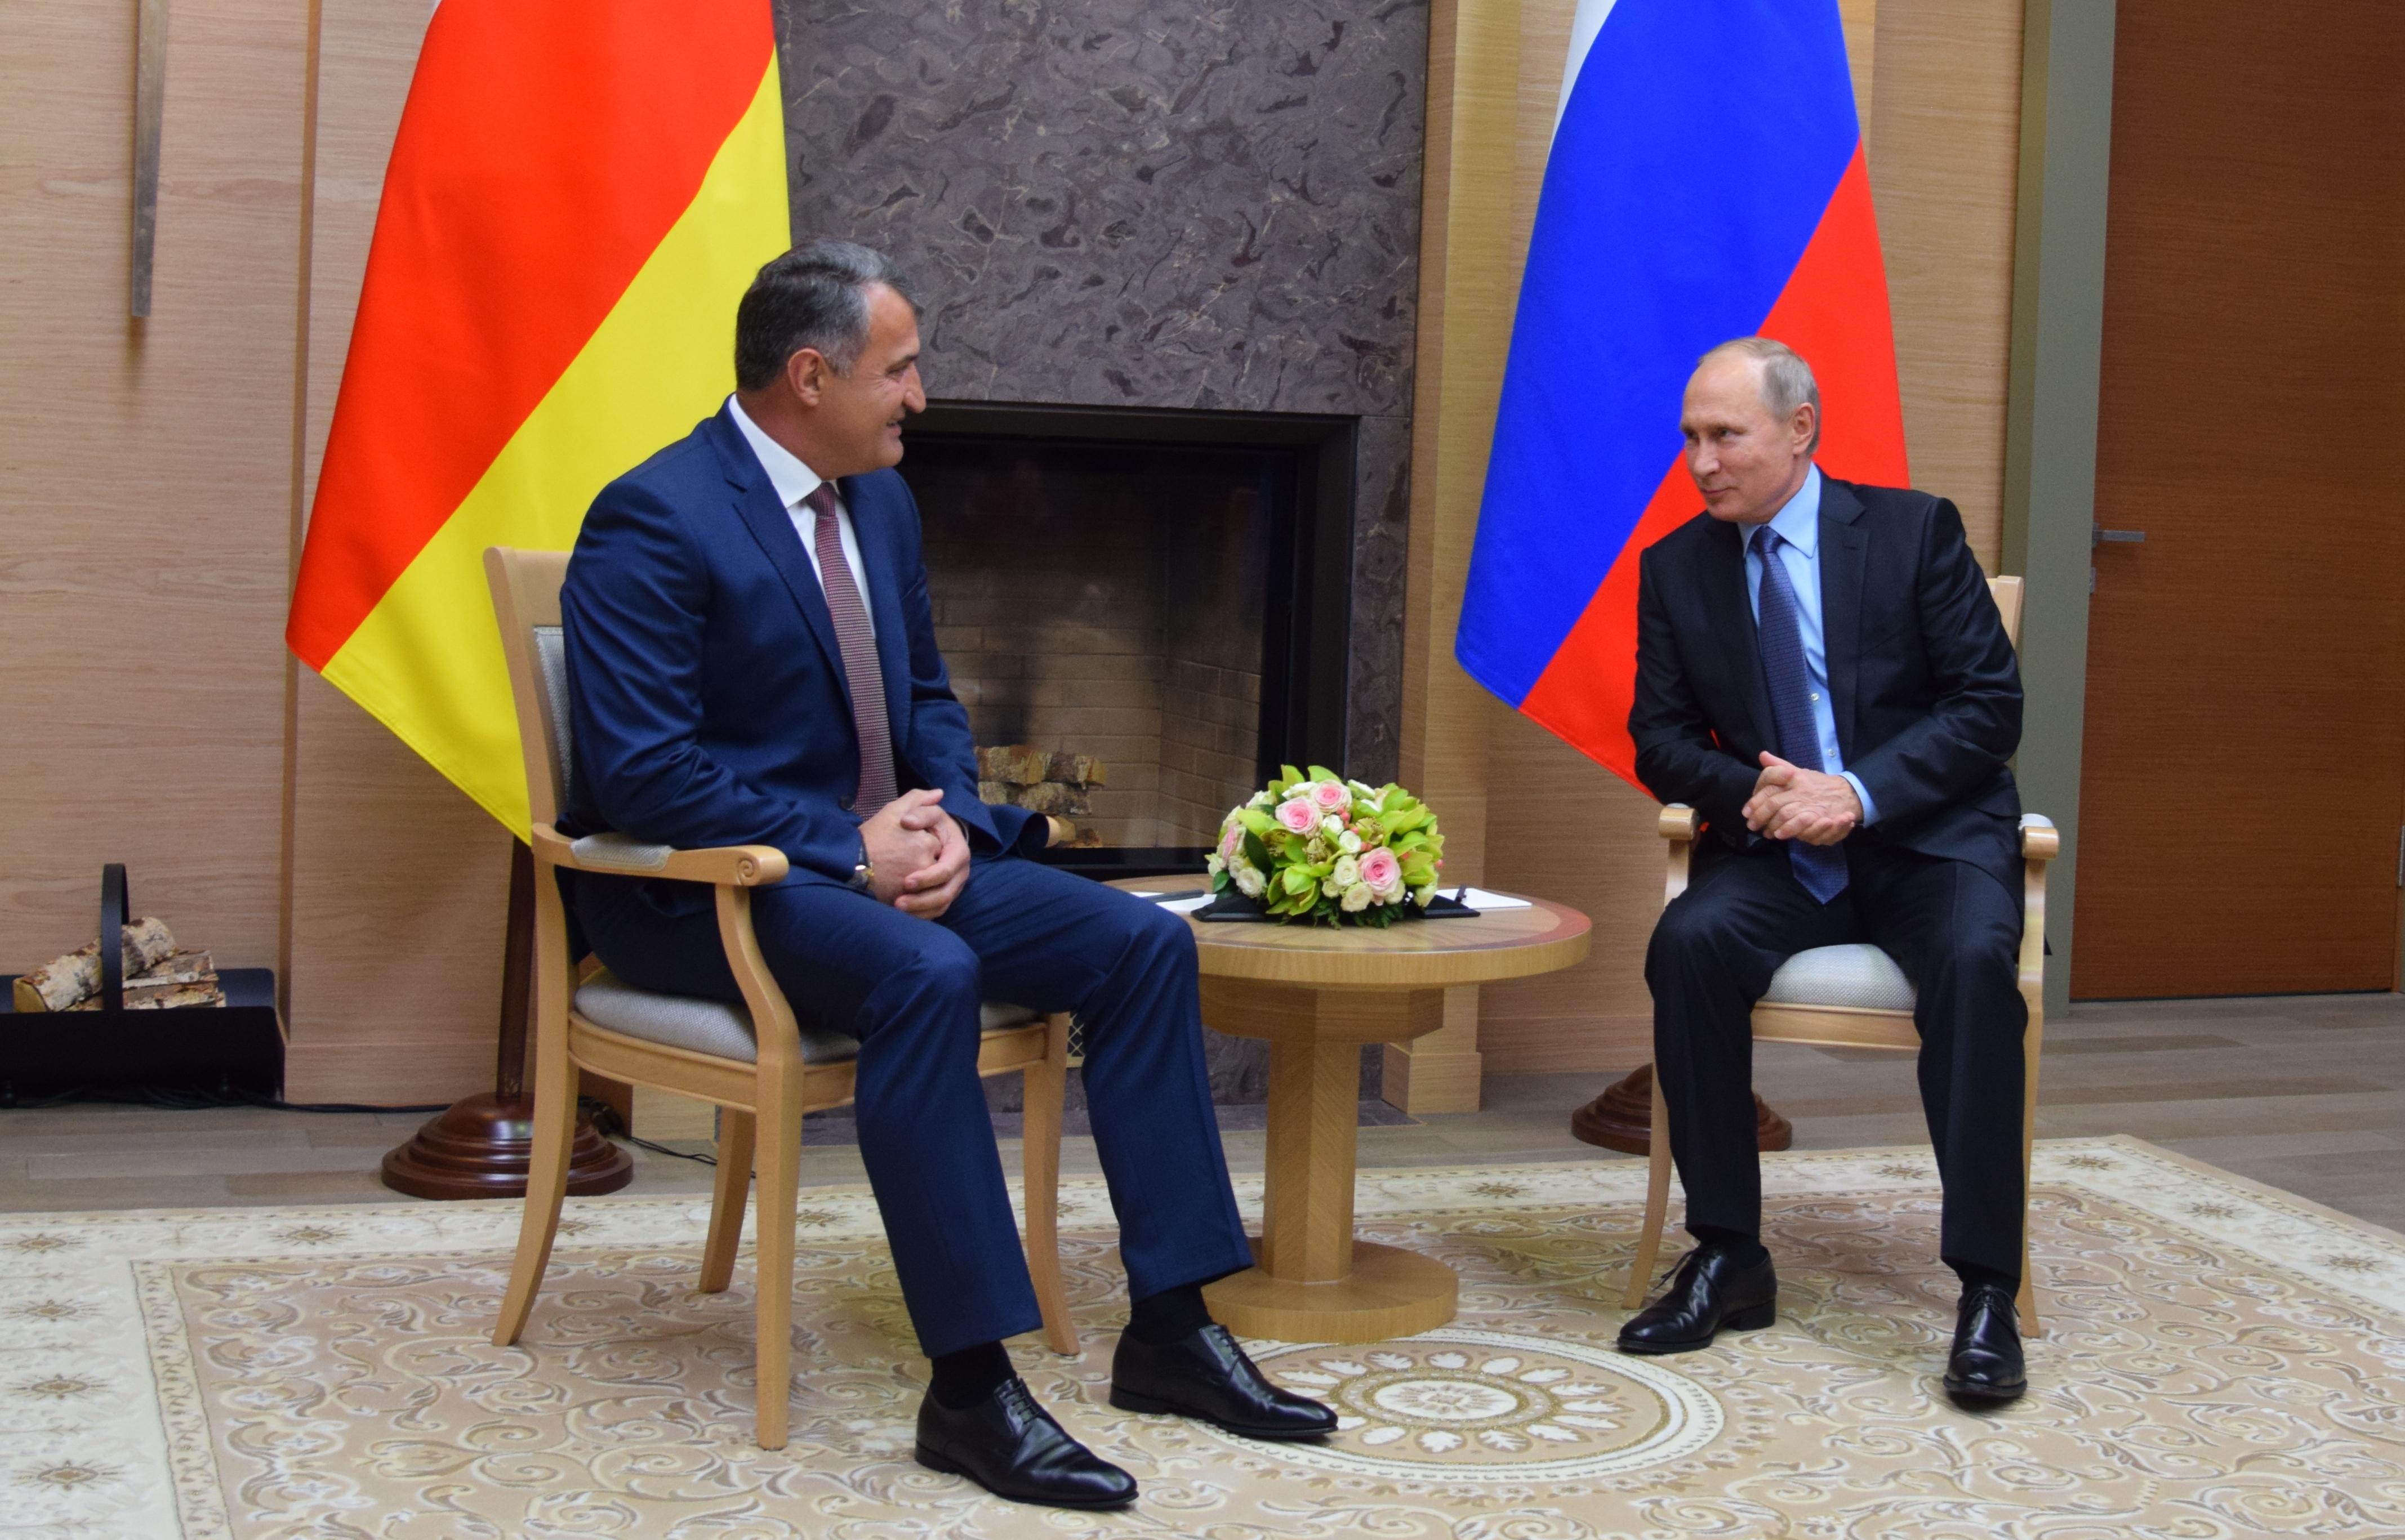 В Ново-Огарево состоялась встреча  Анатолия Бибилова и Владимира Путина